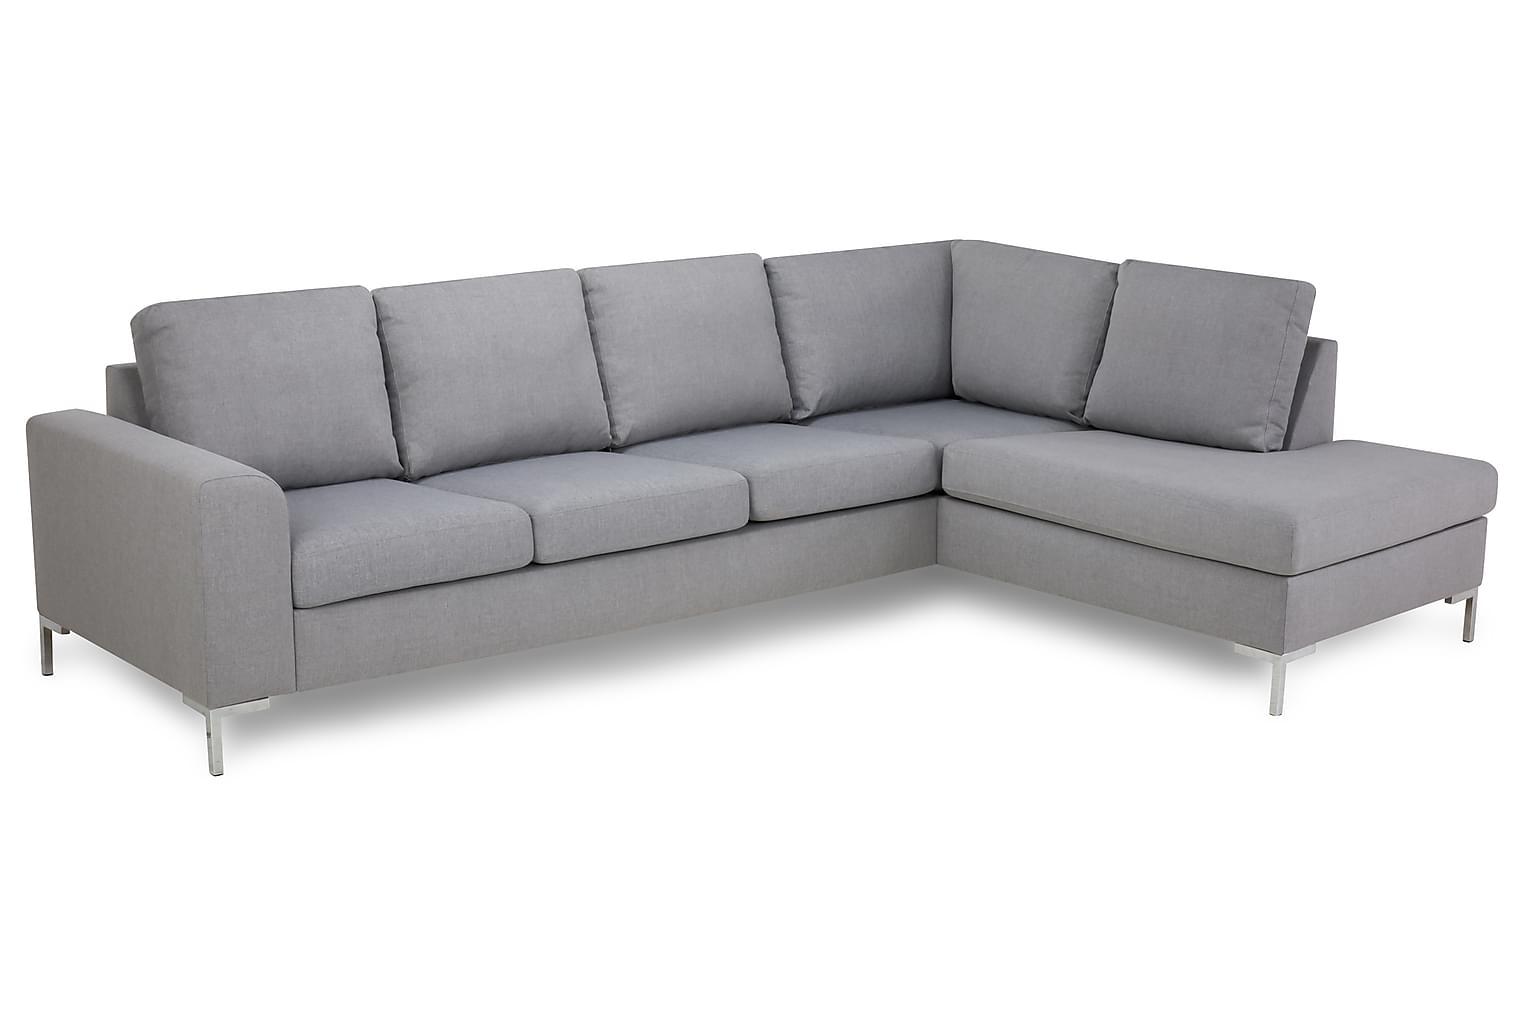 TURIN L-soffa 3-sits Höger Ljusgrå/Metall -